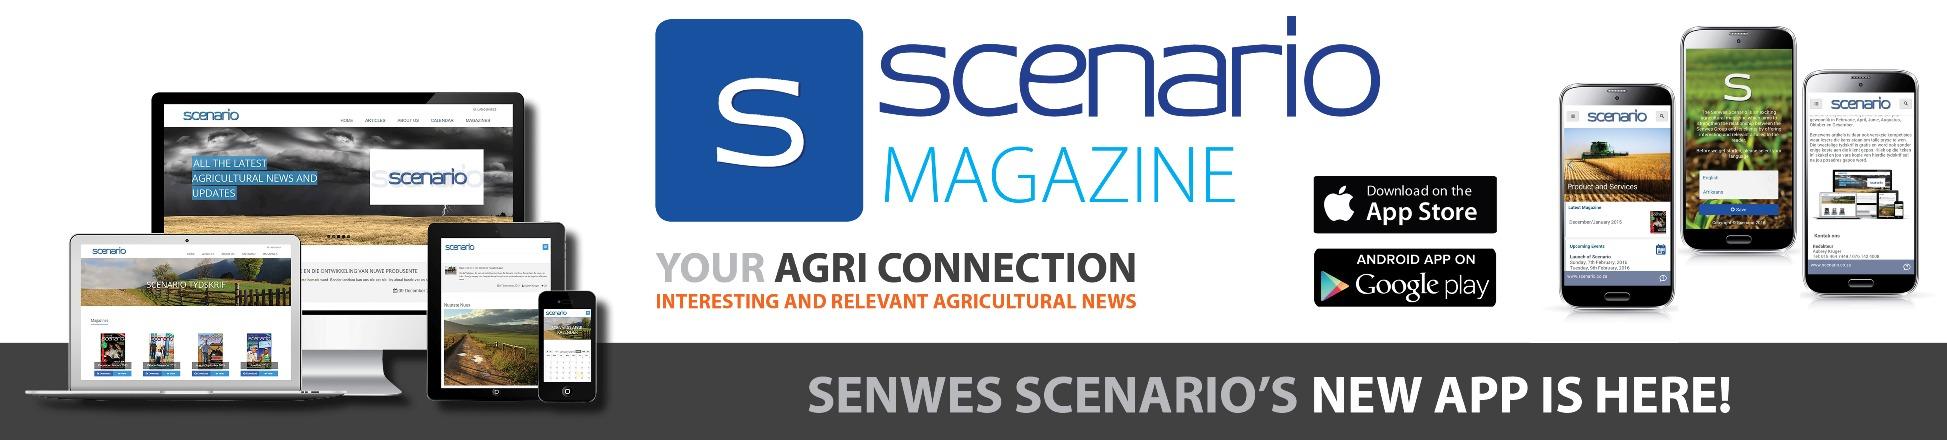 Scenario Magazine App